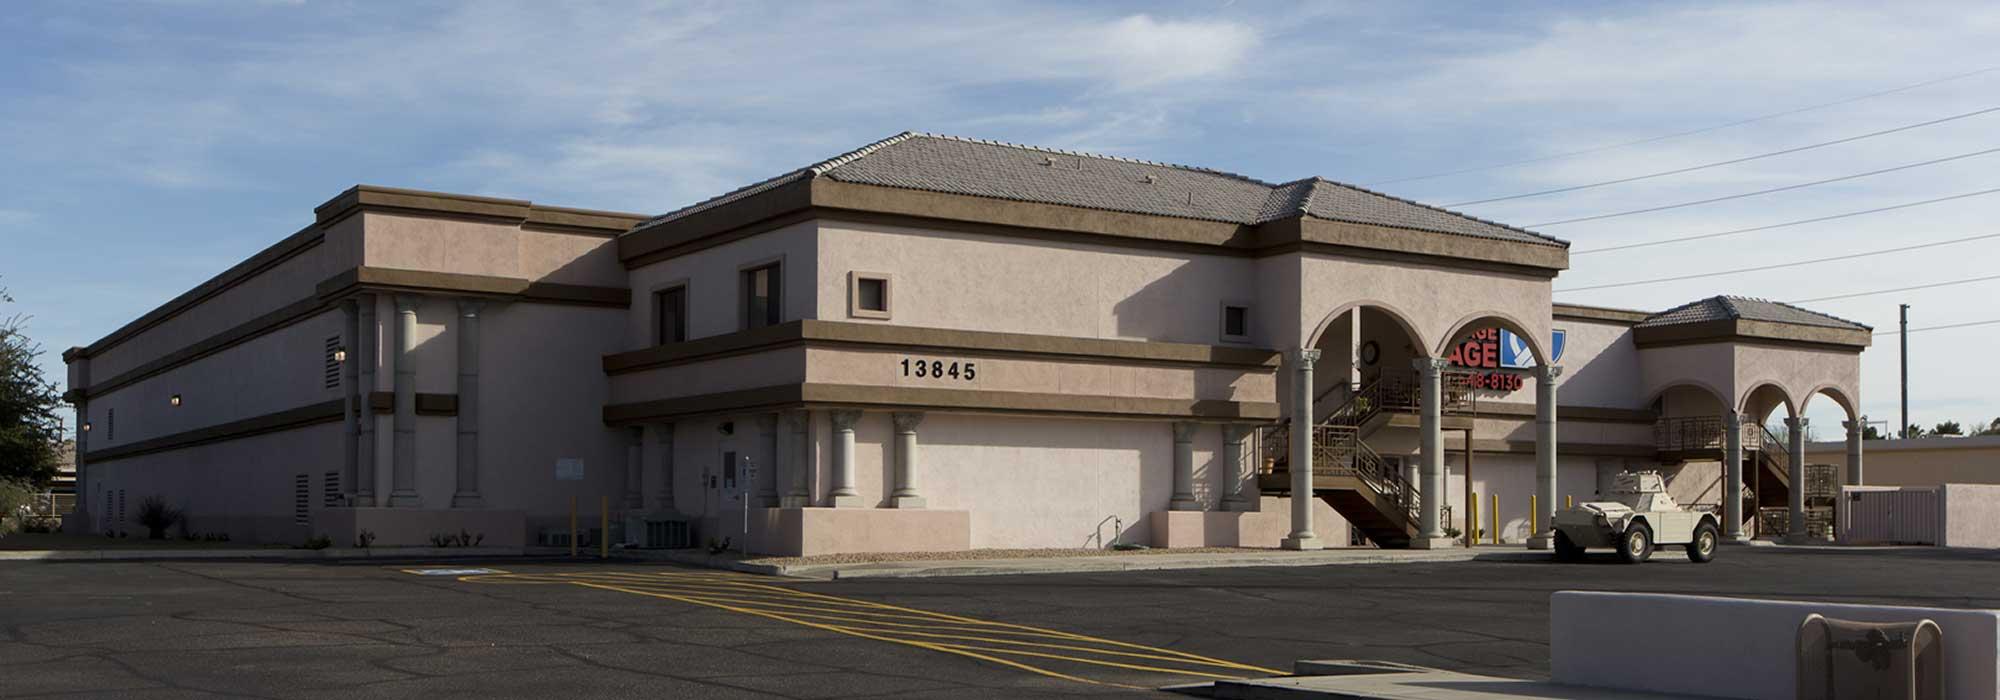 Self storage in Phoenix AZ